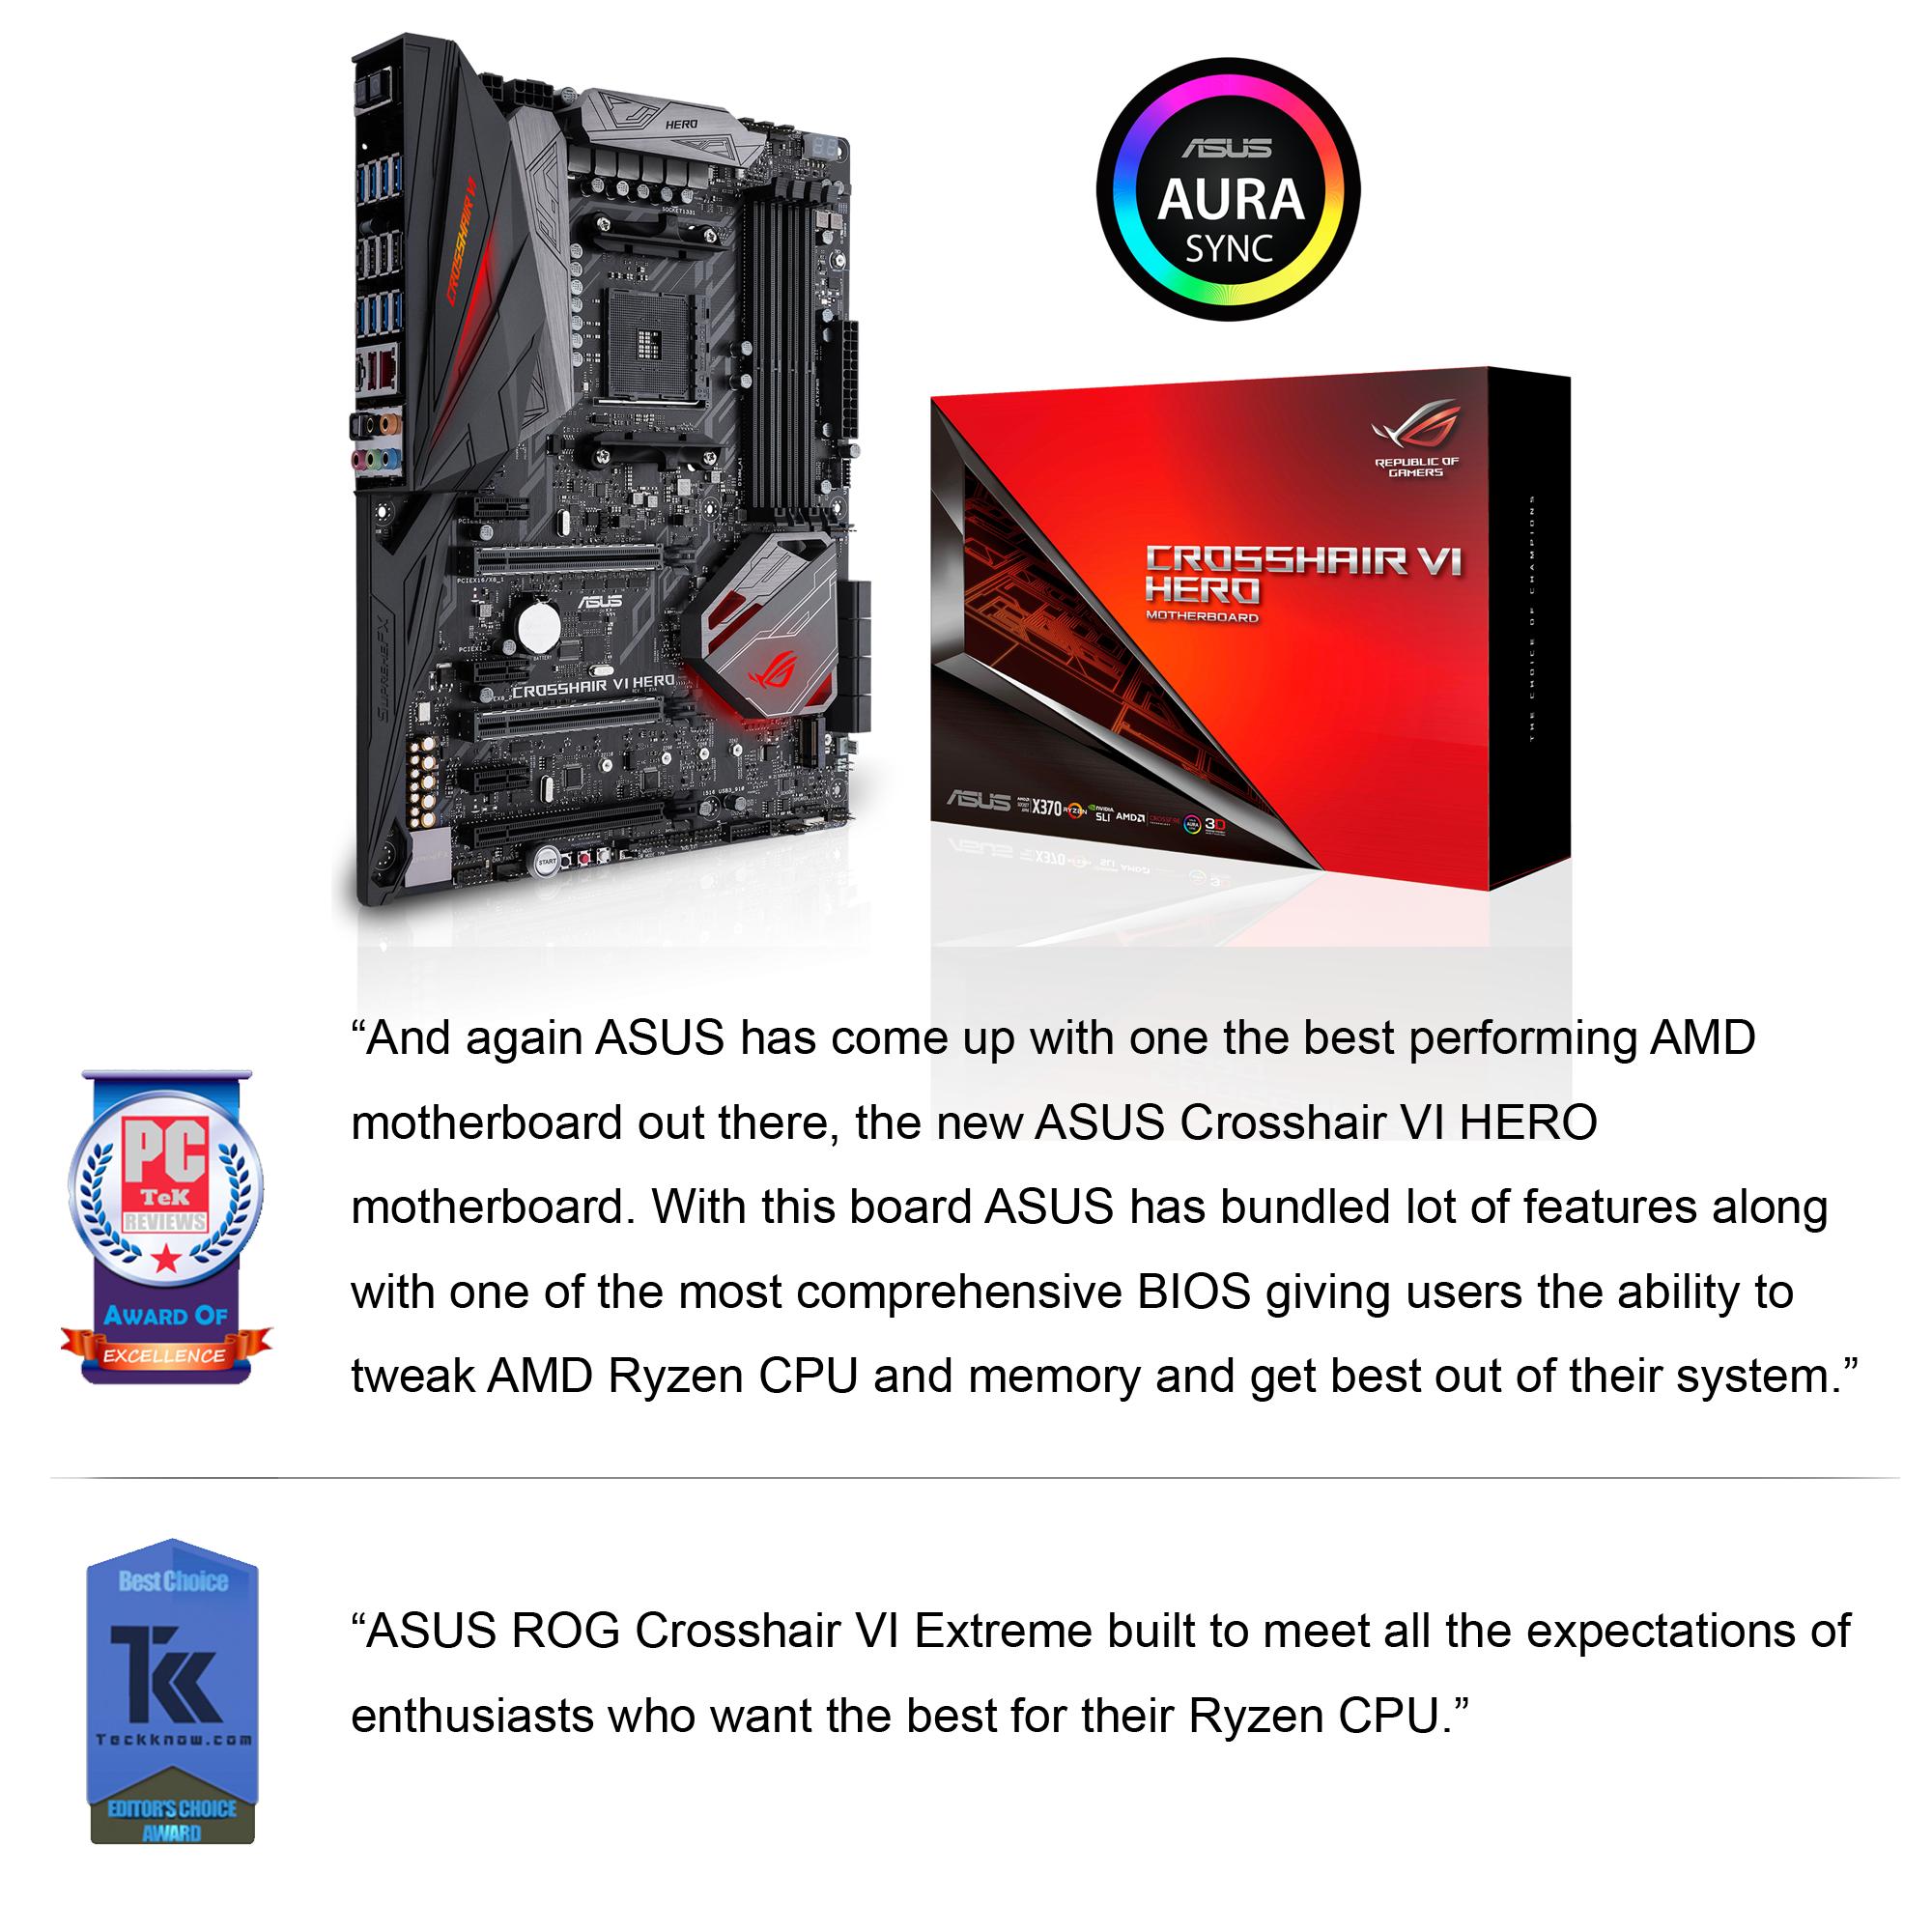 Buy Online Motherboards Price In India Asus A68hm K Motherboard Socket Fm2 Rog Crosshair Vi Hero Wb